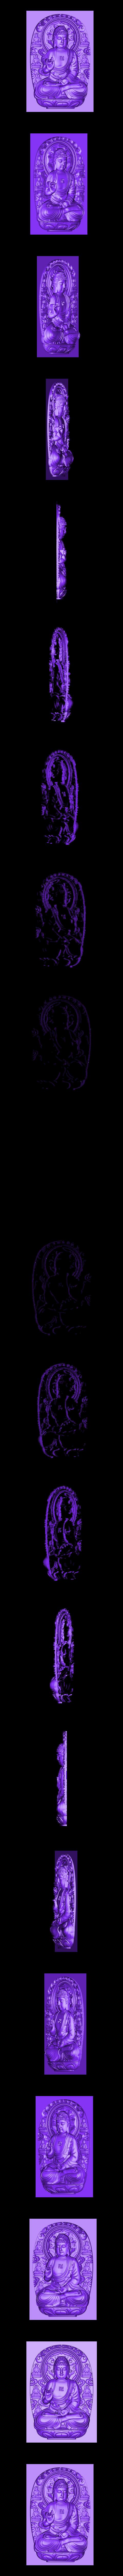 buddhaUUU.obj Télécharger fichier OBJ gratuit Bouddha • Design à imprimer en 3D, stlfilesfree